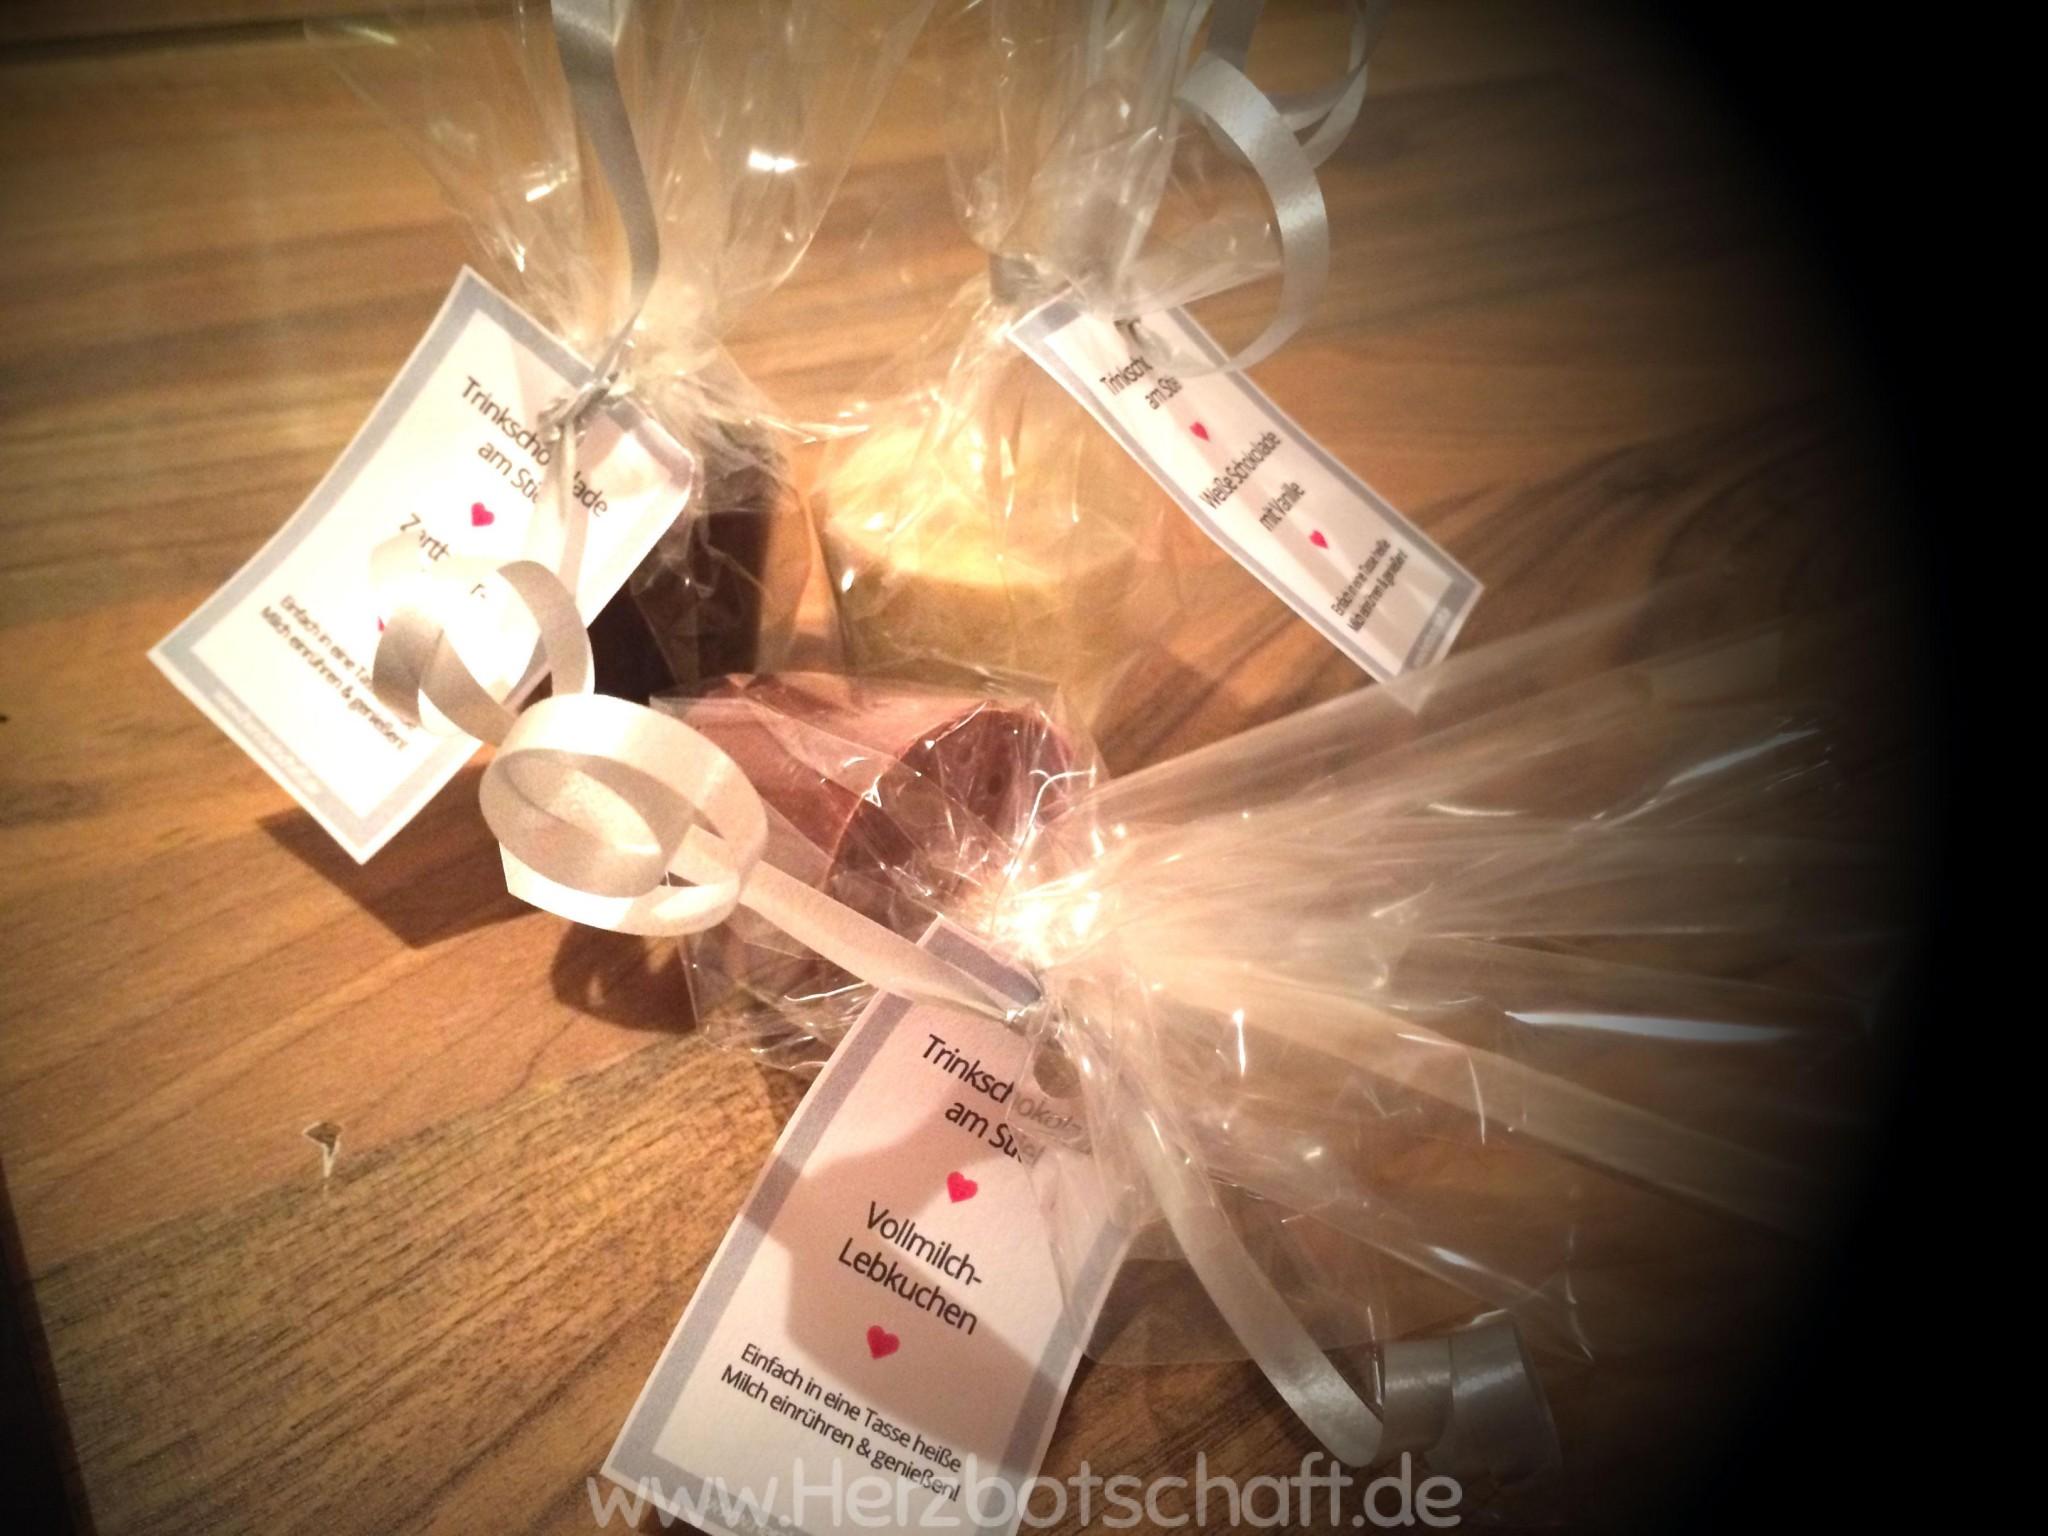 trinkschokolade-selbstgemacht-mit-etikett-verpackt